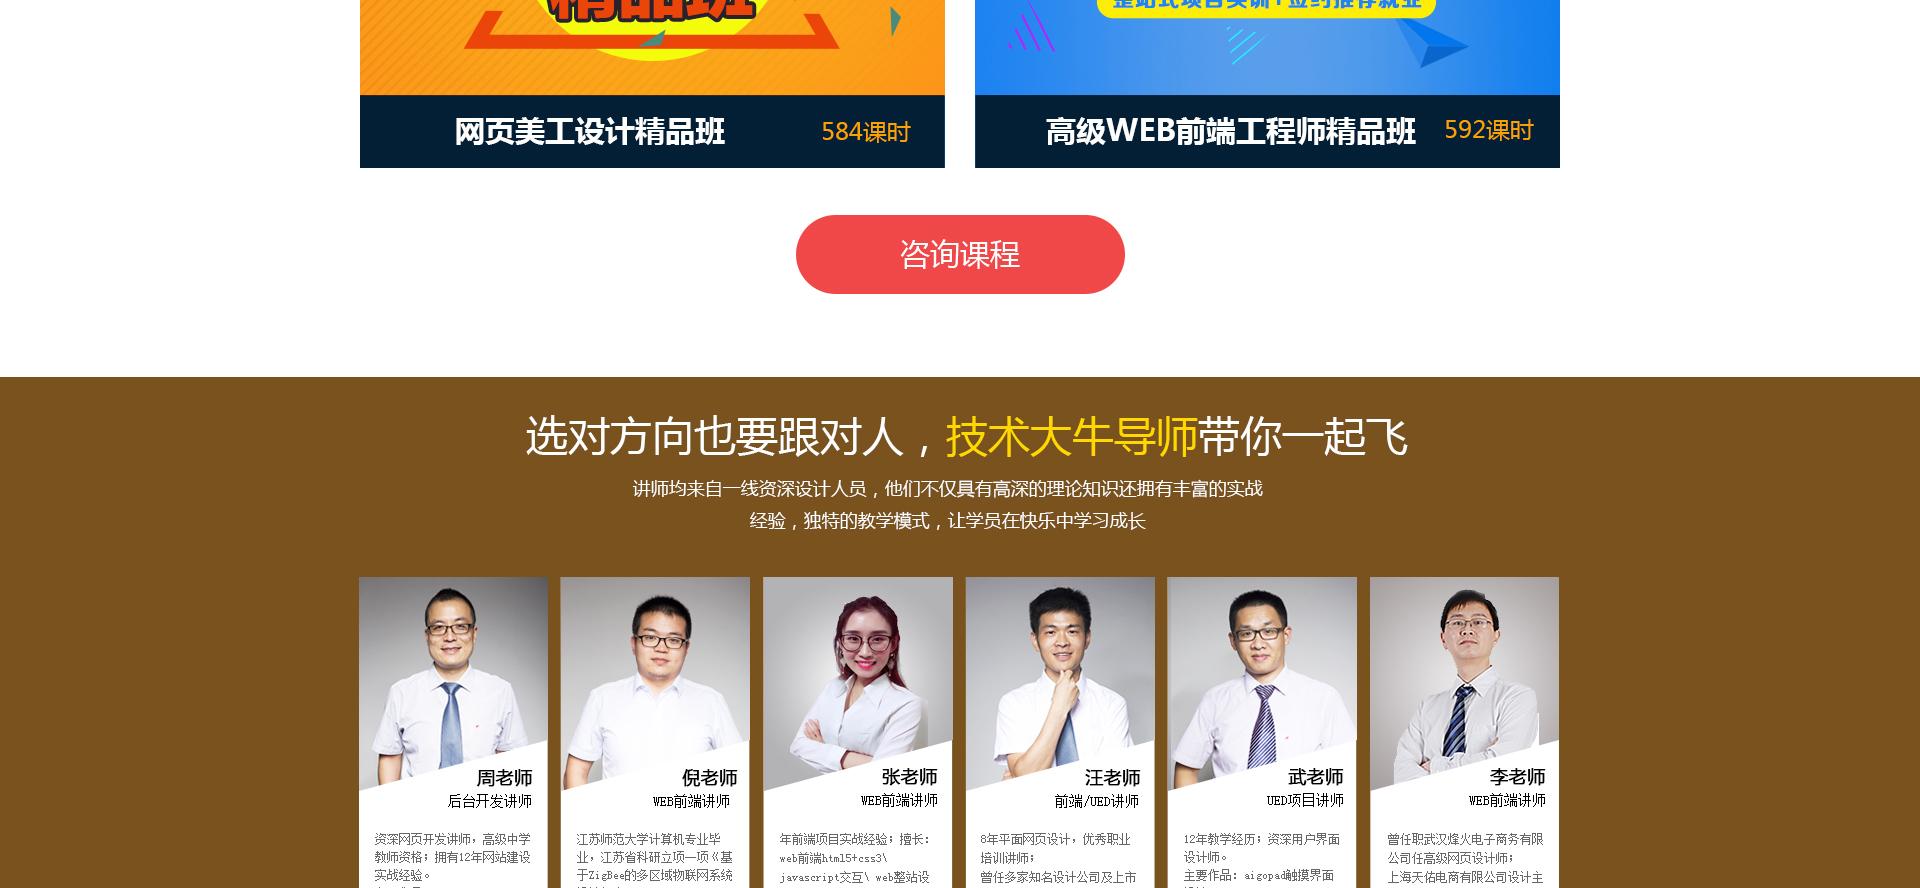 苏州web前端培训课程